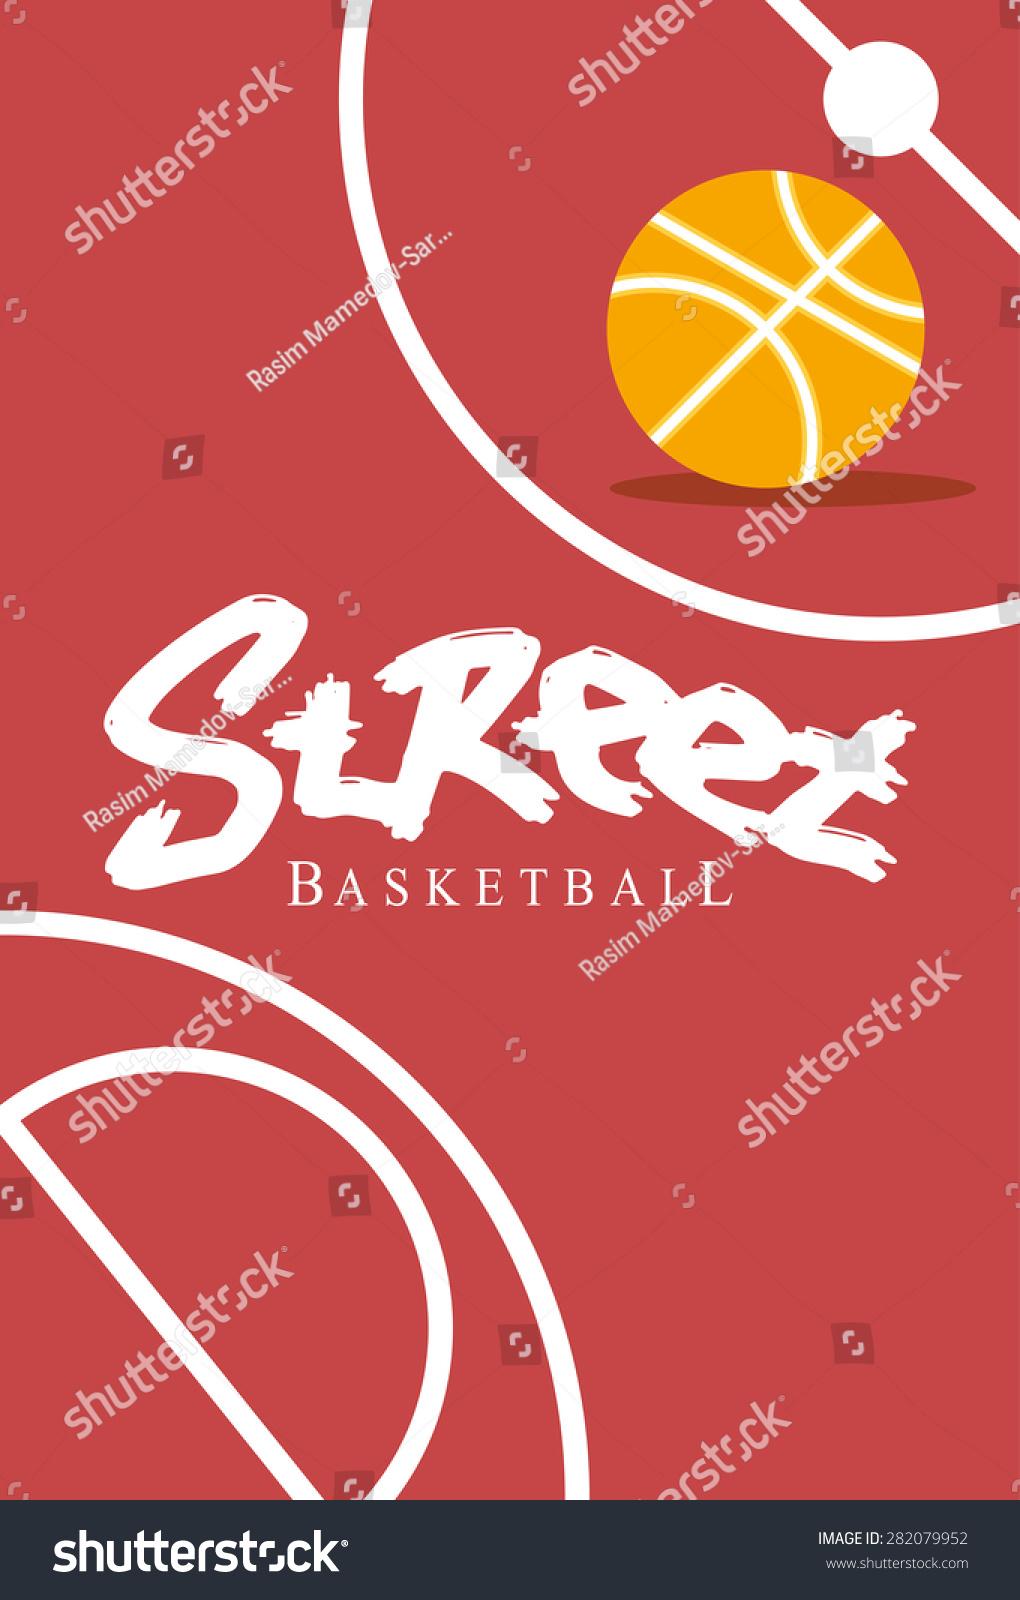 街头篮球海报-背景/素材